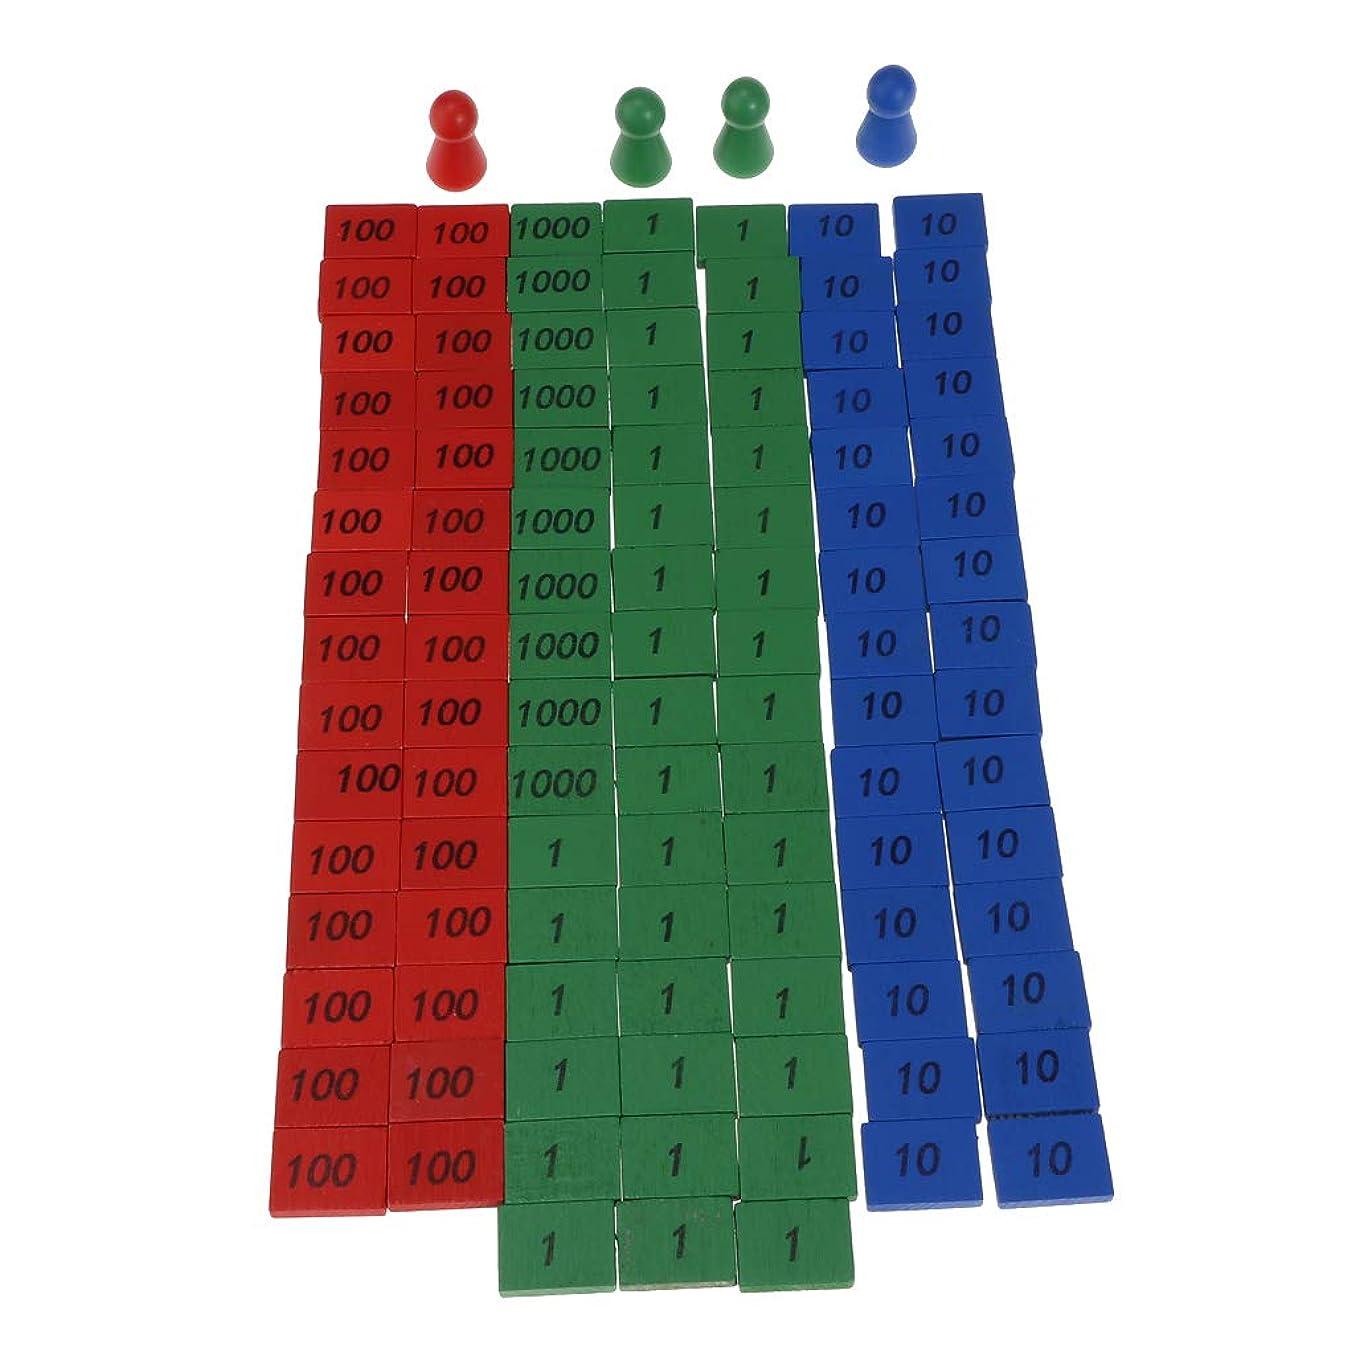 かけがえのない志すバスルームT TOOYFUL カラフルな 木製 ラウンドヘッドコーン 数字の小片数 数学 子供 教育玩具 木製ピース